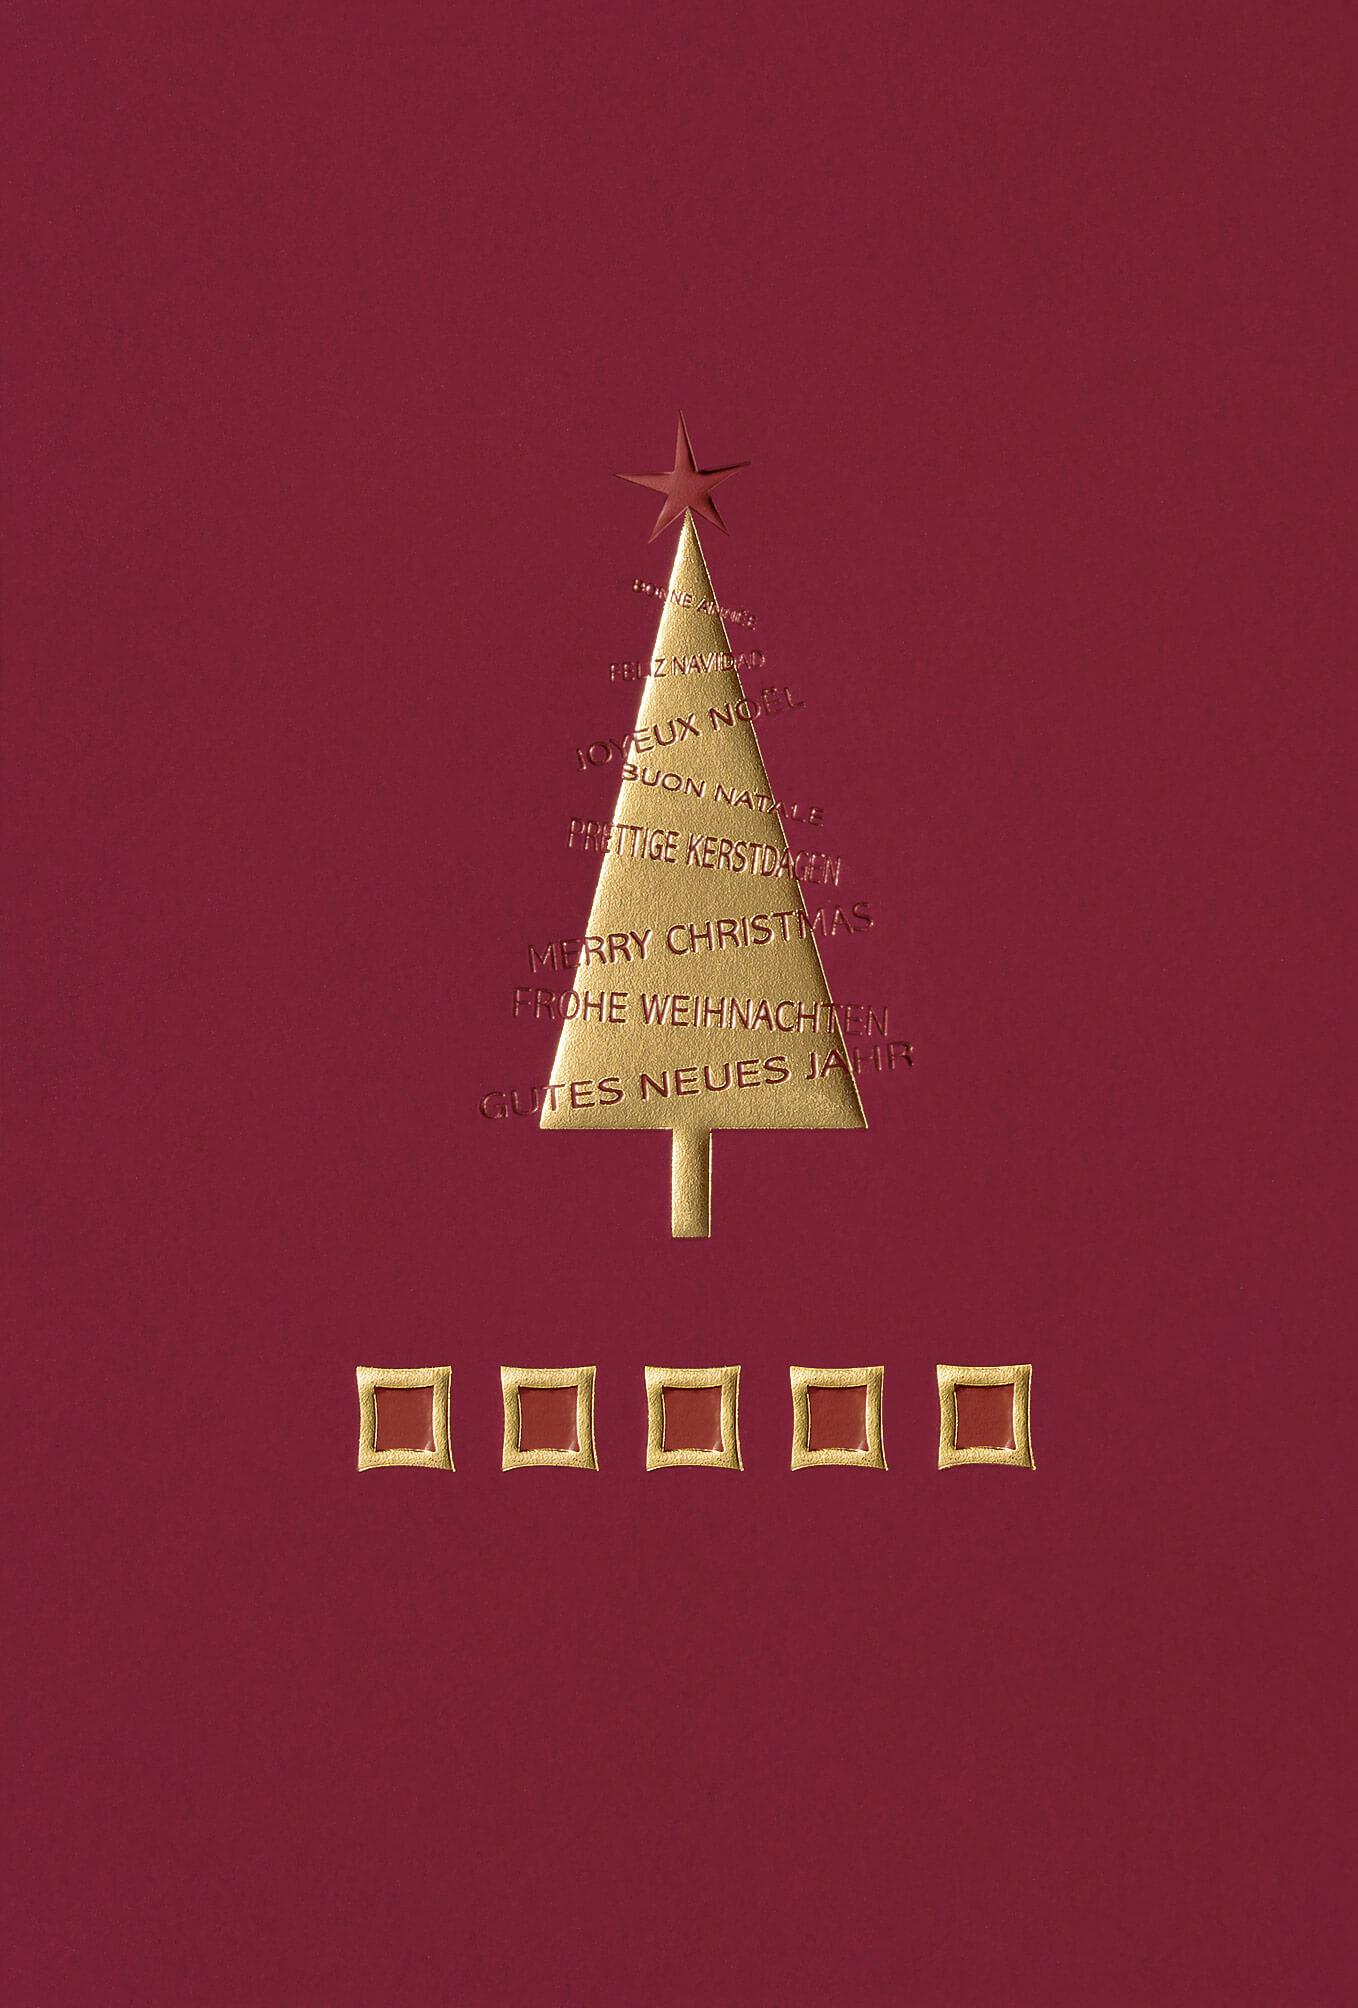 weihnachtskarte in rot mit spendenzweck zugunsten der. Black Bedroom Furniture Sets. Home Design Ideas